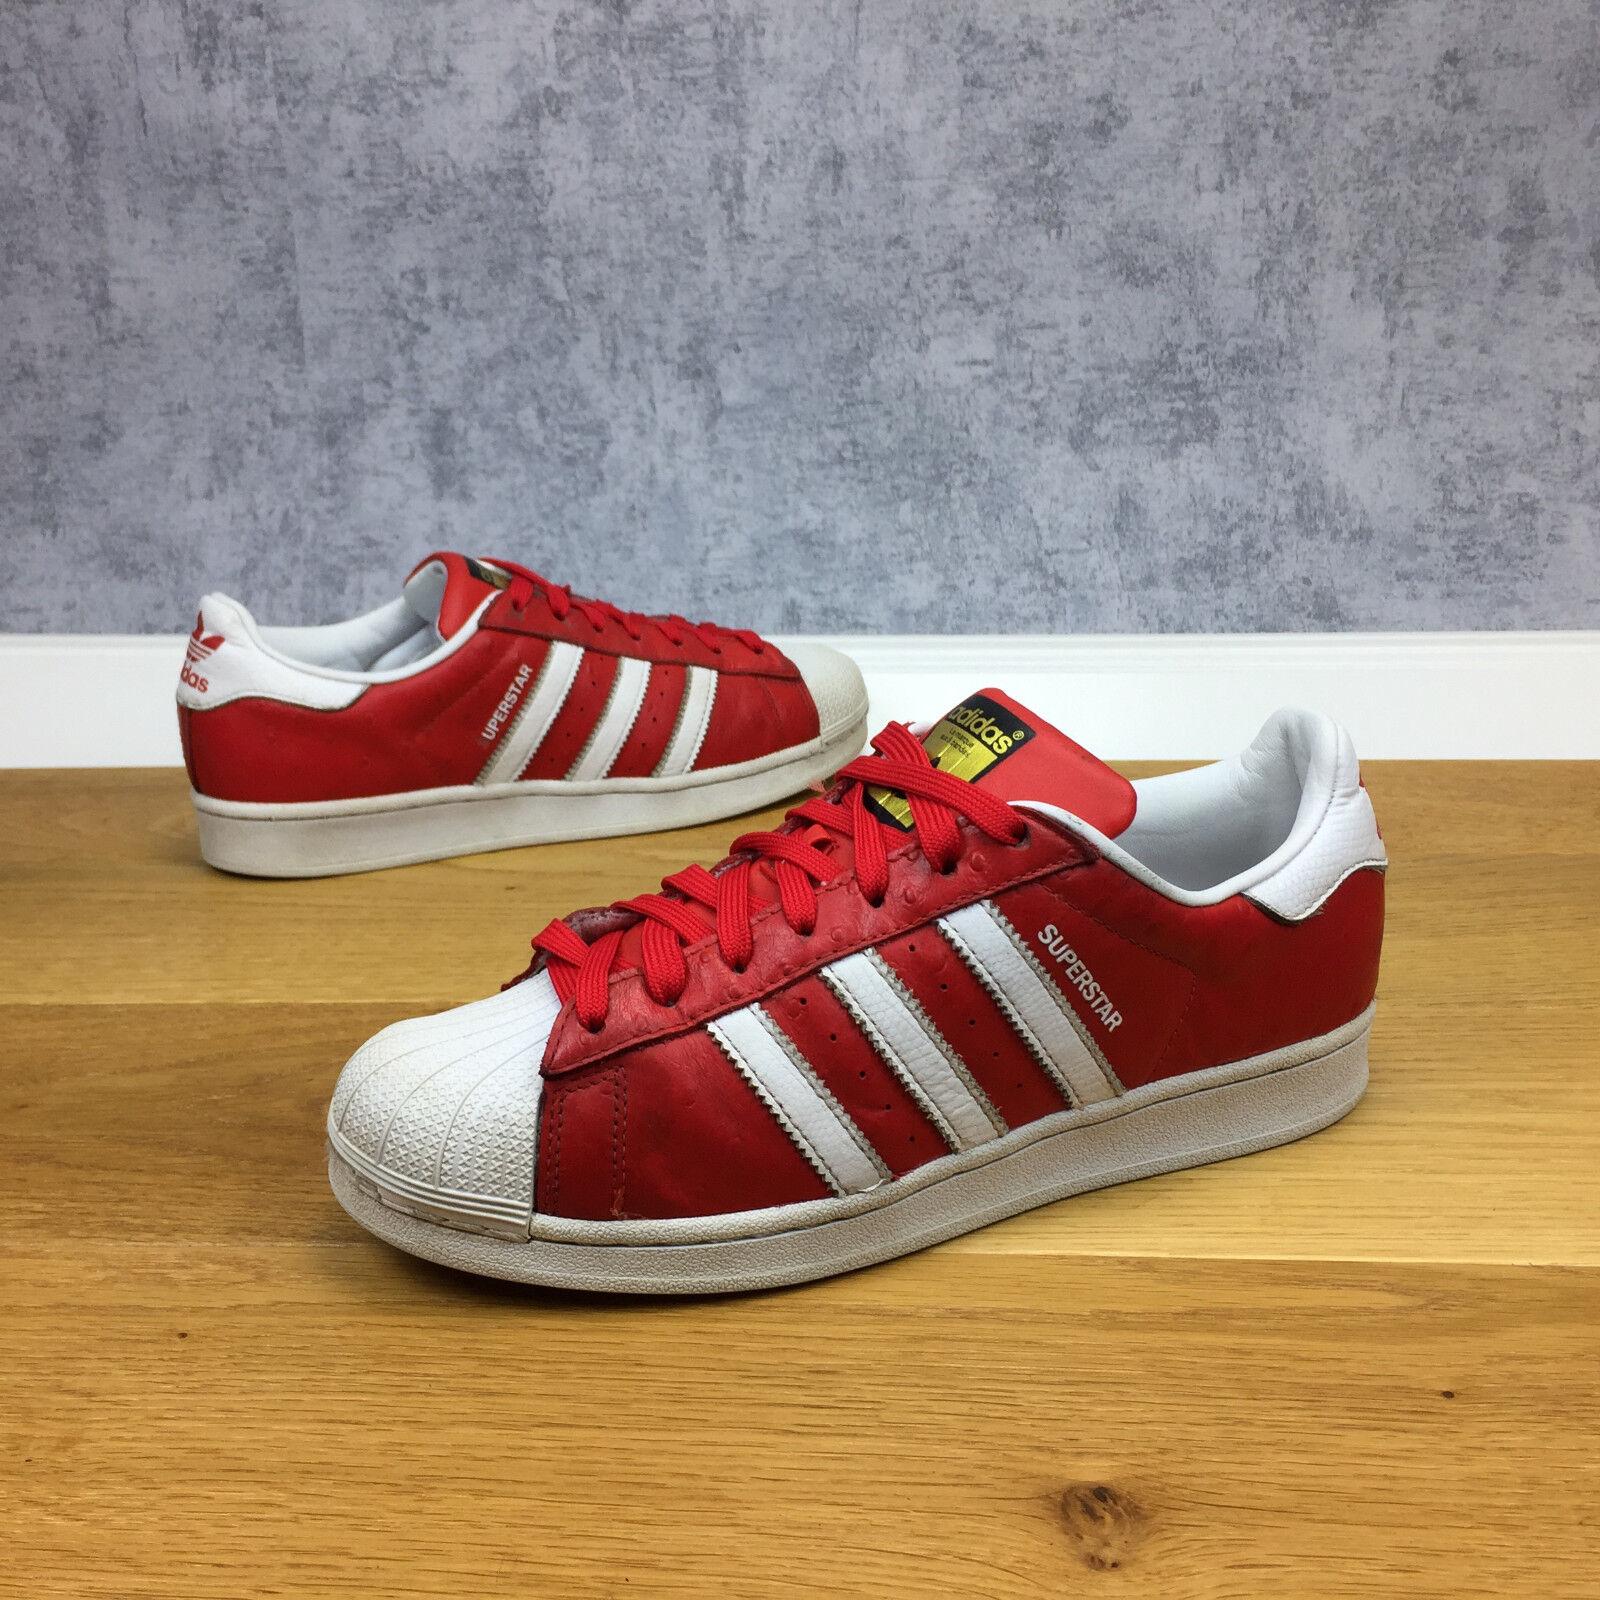 Adidas Supestar 80s Animal schuhe Größe 42 (p425-88-1320) s75158 rot Trainer